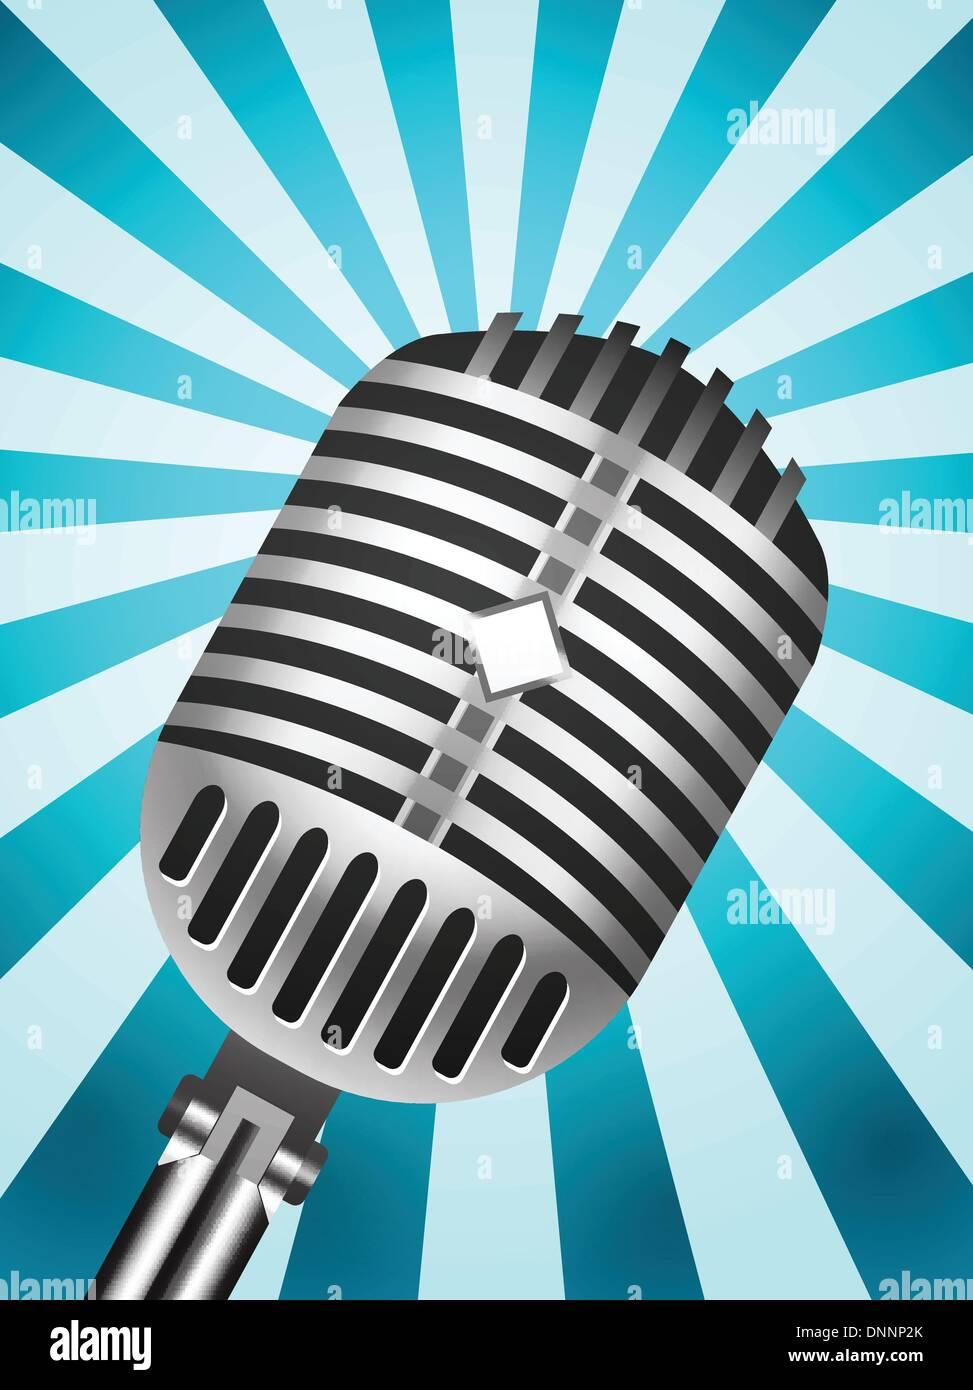 Micrófono clásico forrados en segundo plano. Ilustración vectorial Imagen De Stock